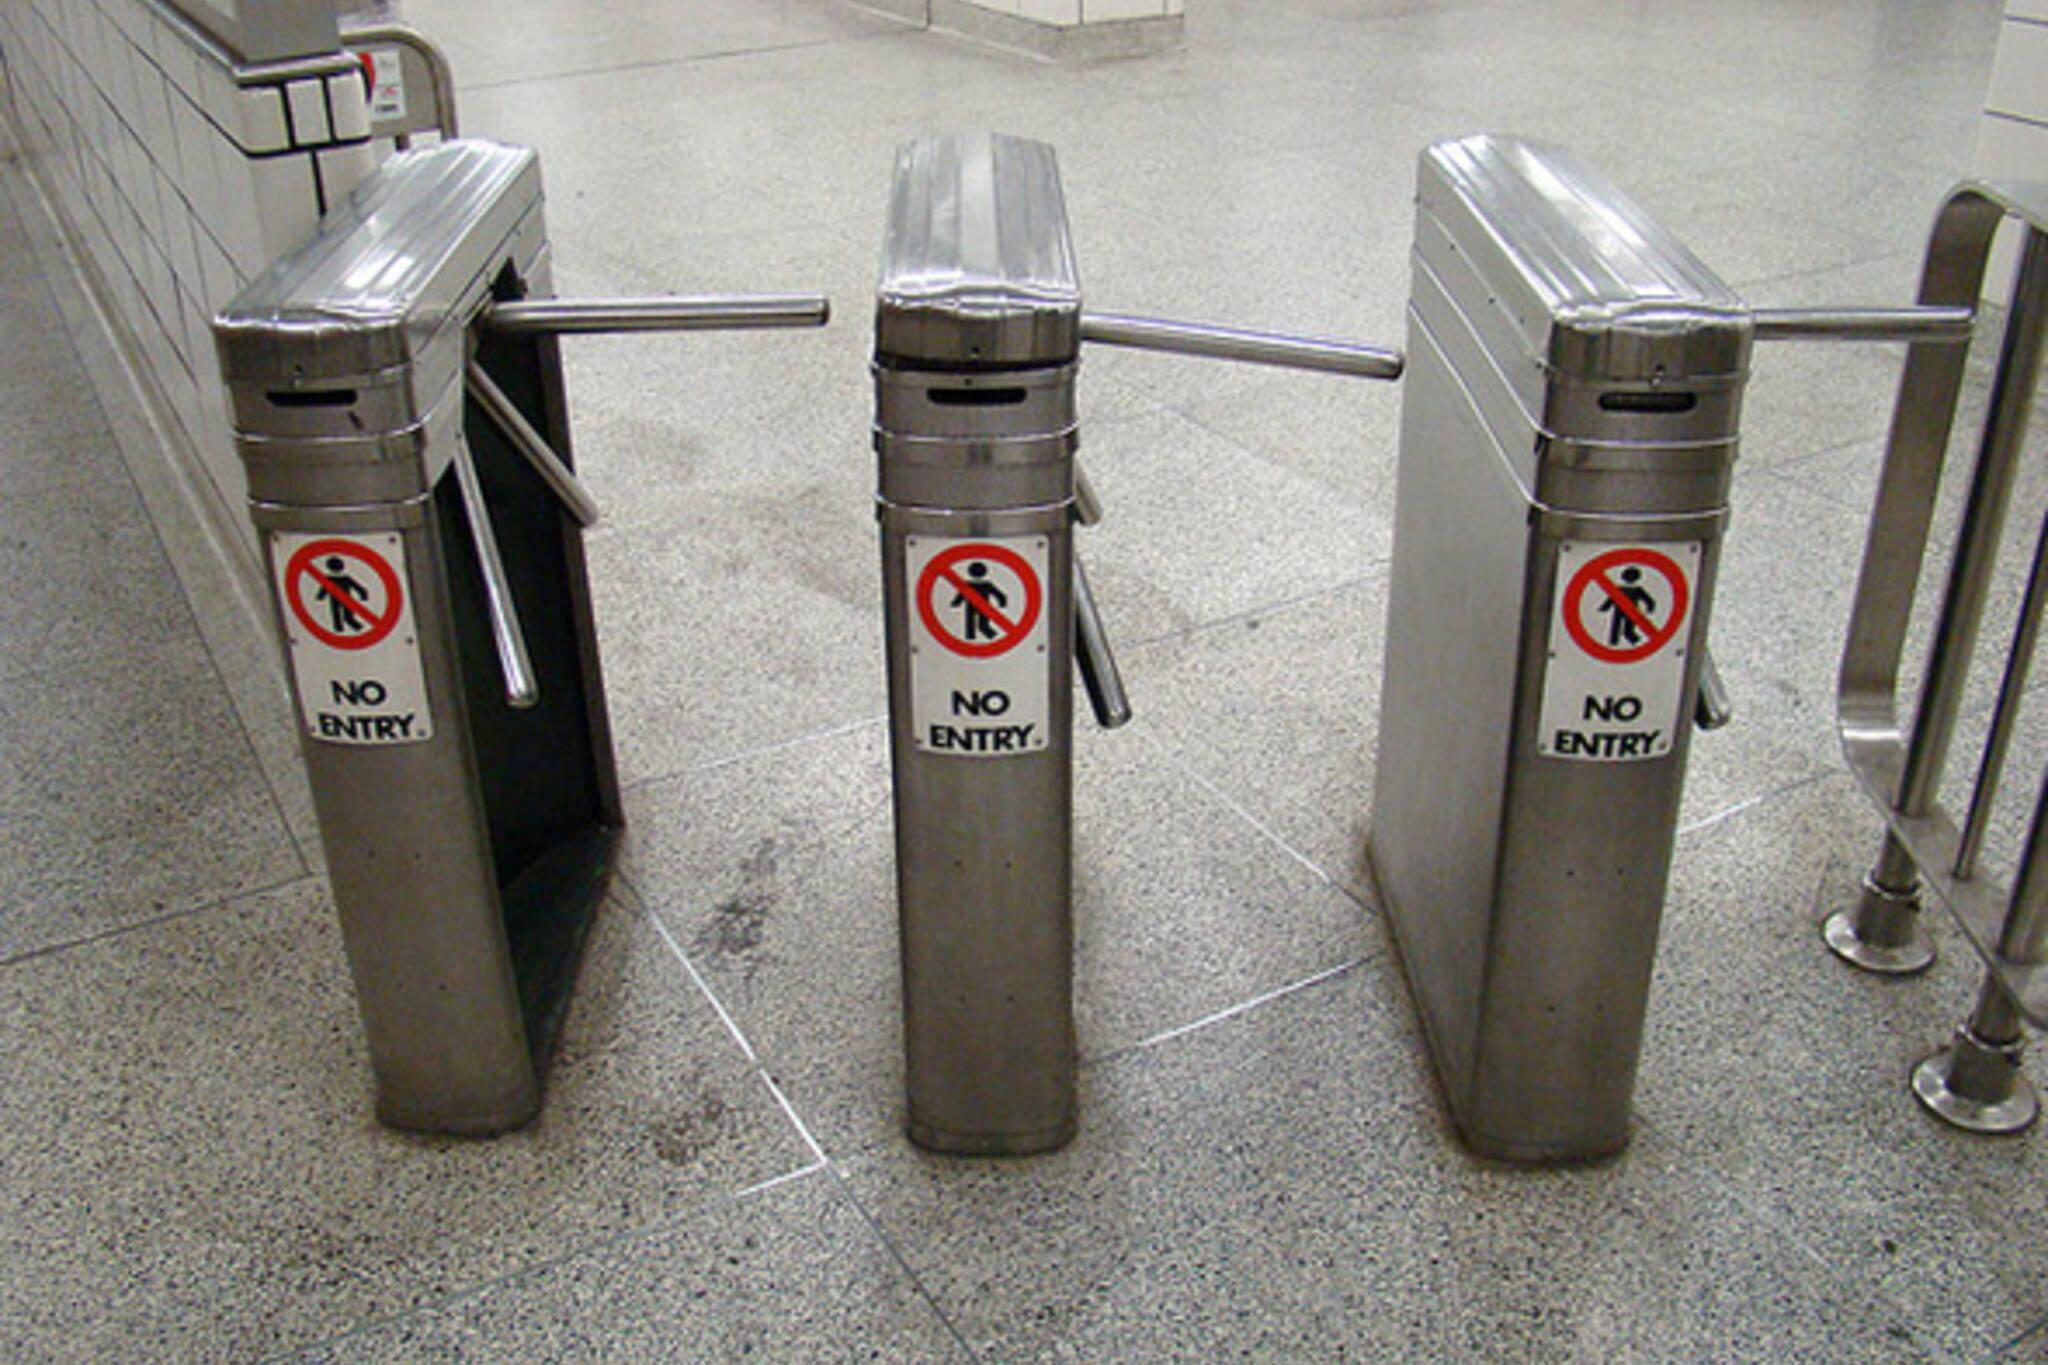 201231-ttc-turnstile.jpg